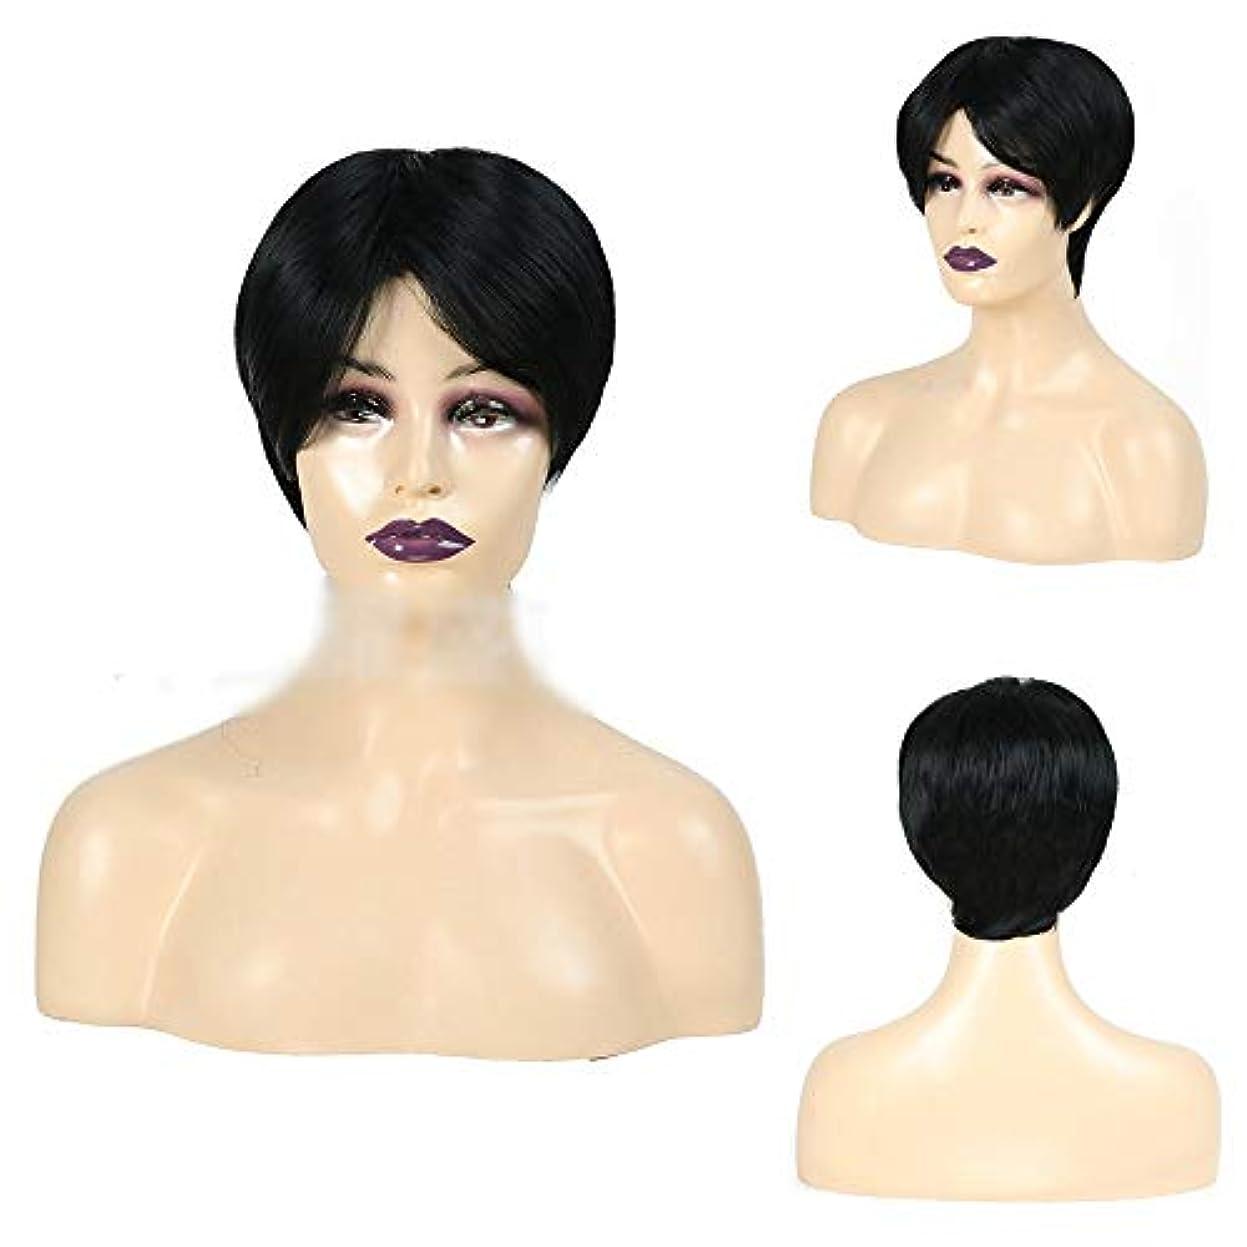 アラブサラボ限界異形YOUQIU 前髪ショートボブヘアウィッグ高品質の合成髪のかつらを持つ女性の毎日の黒髪ボブウィッグ (色 : 黒)